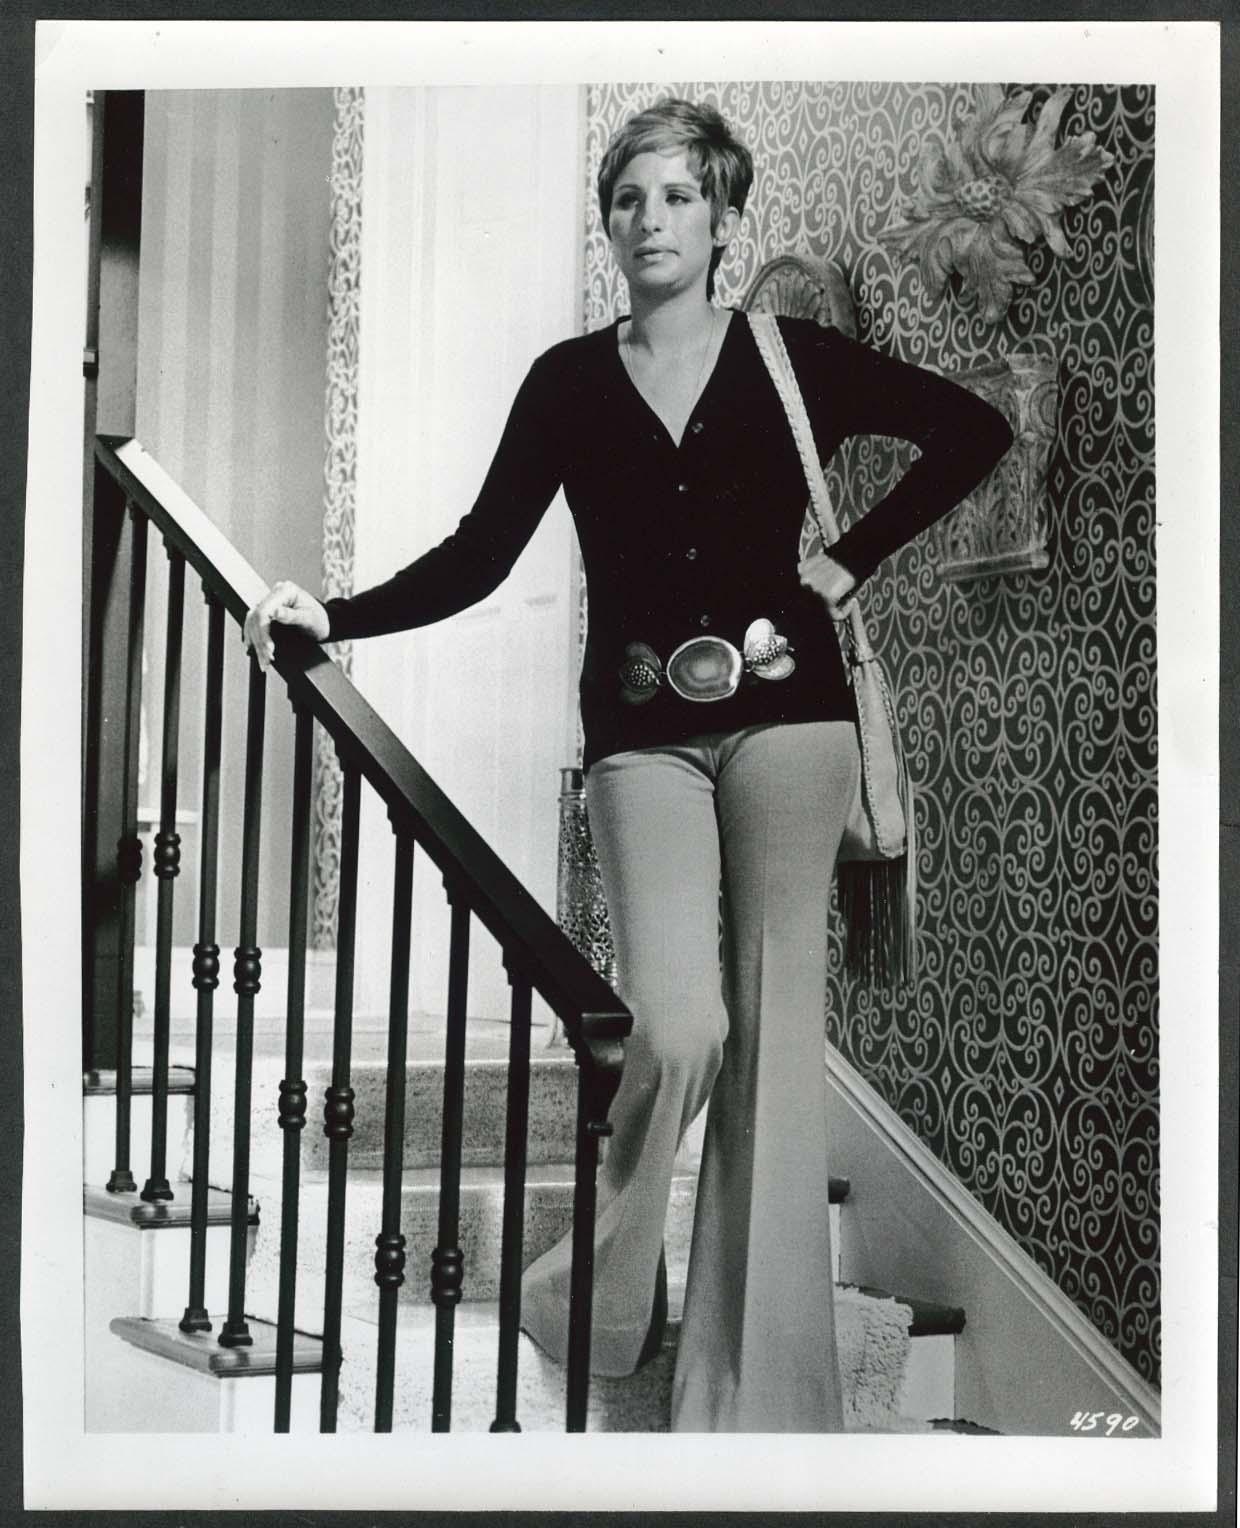 Image for Barbra Streisand For Pete's Sake 8x10 photograph 1974